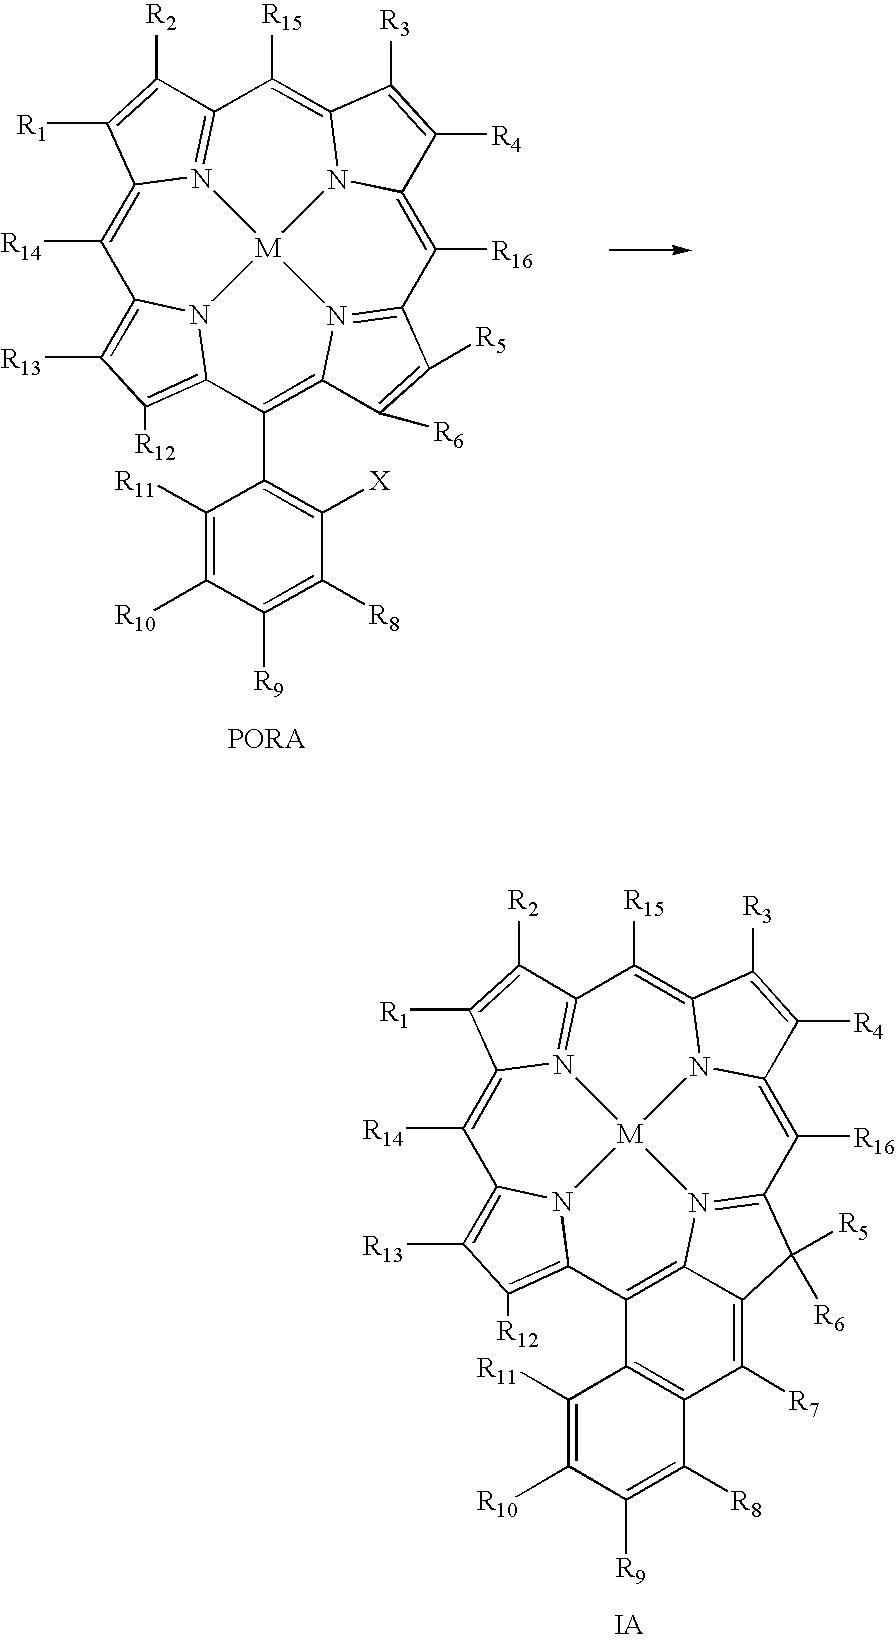 Figure US20080275232A1-20081106-C00054